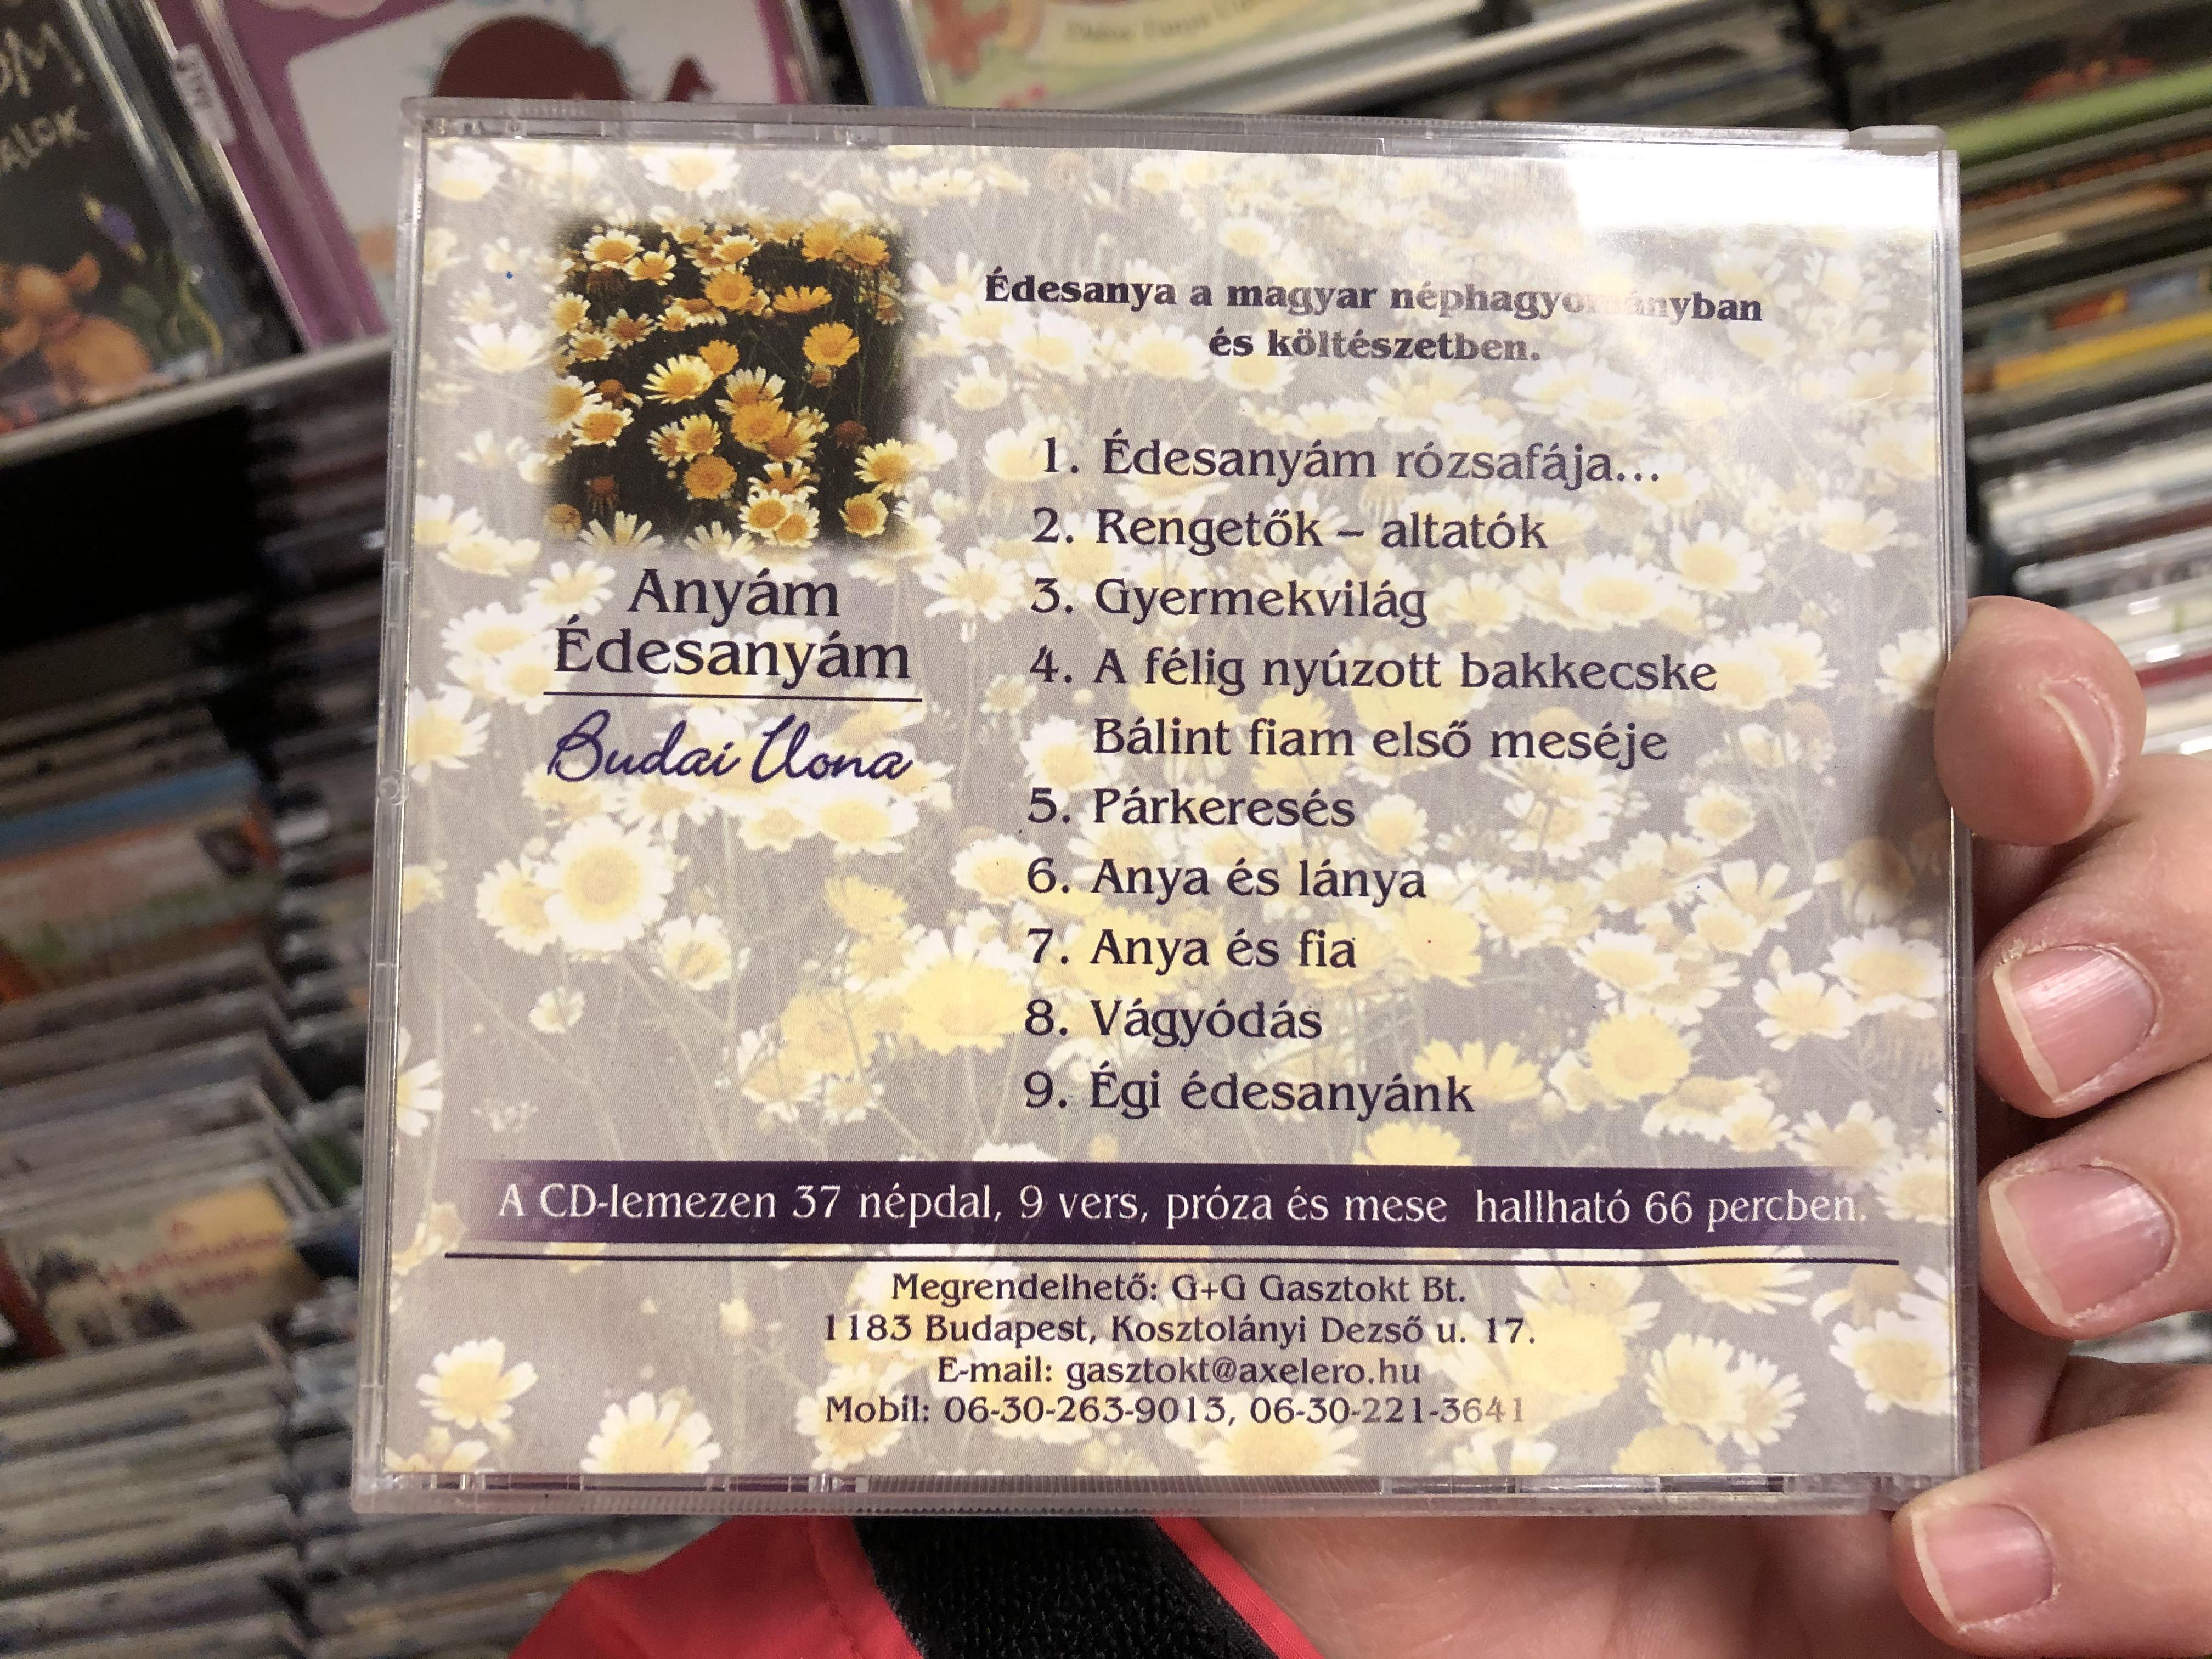 any-m-desany-m-budai-ilona-g-g-gasztokt-bt.-audio-cd-2004-bzs-04-2-.jpg